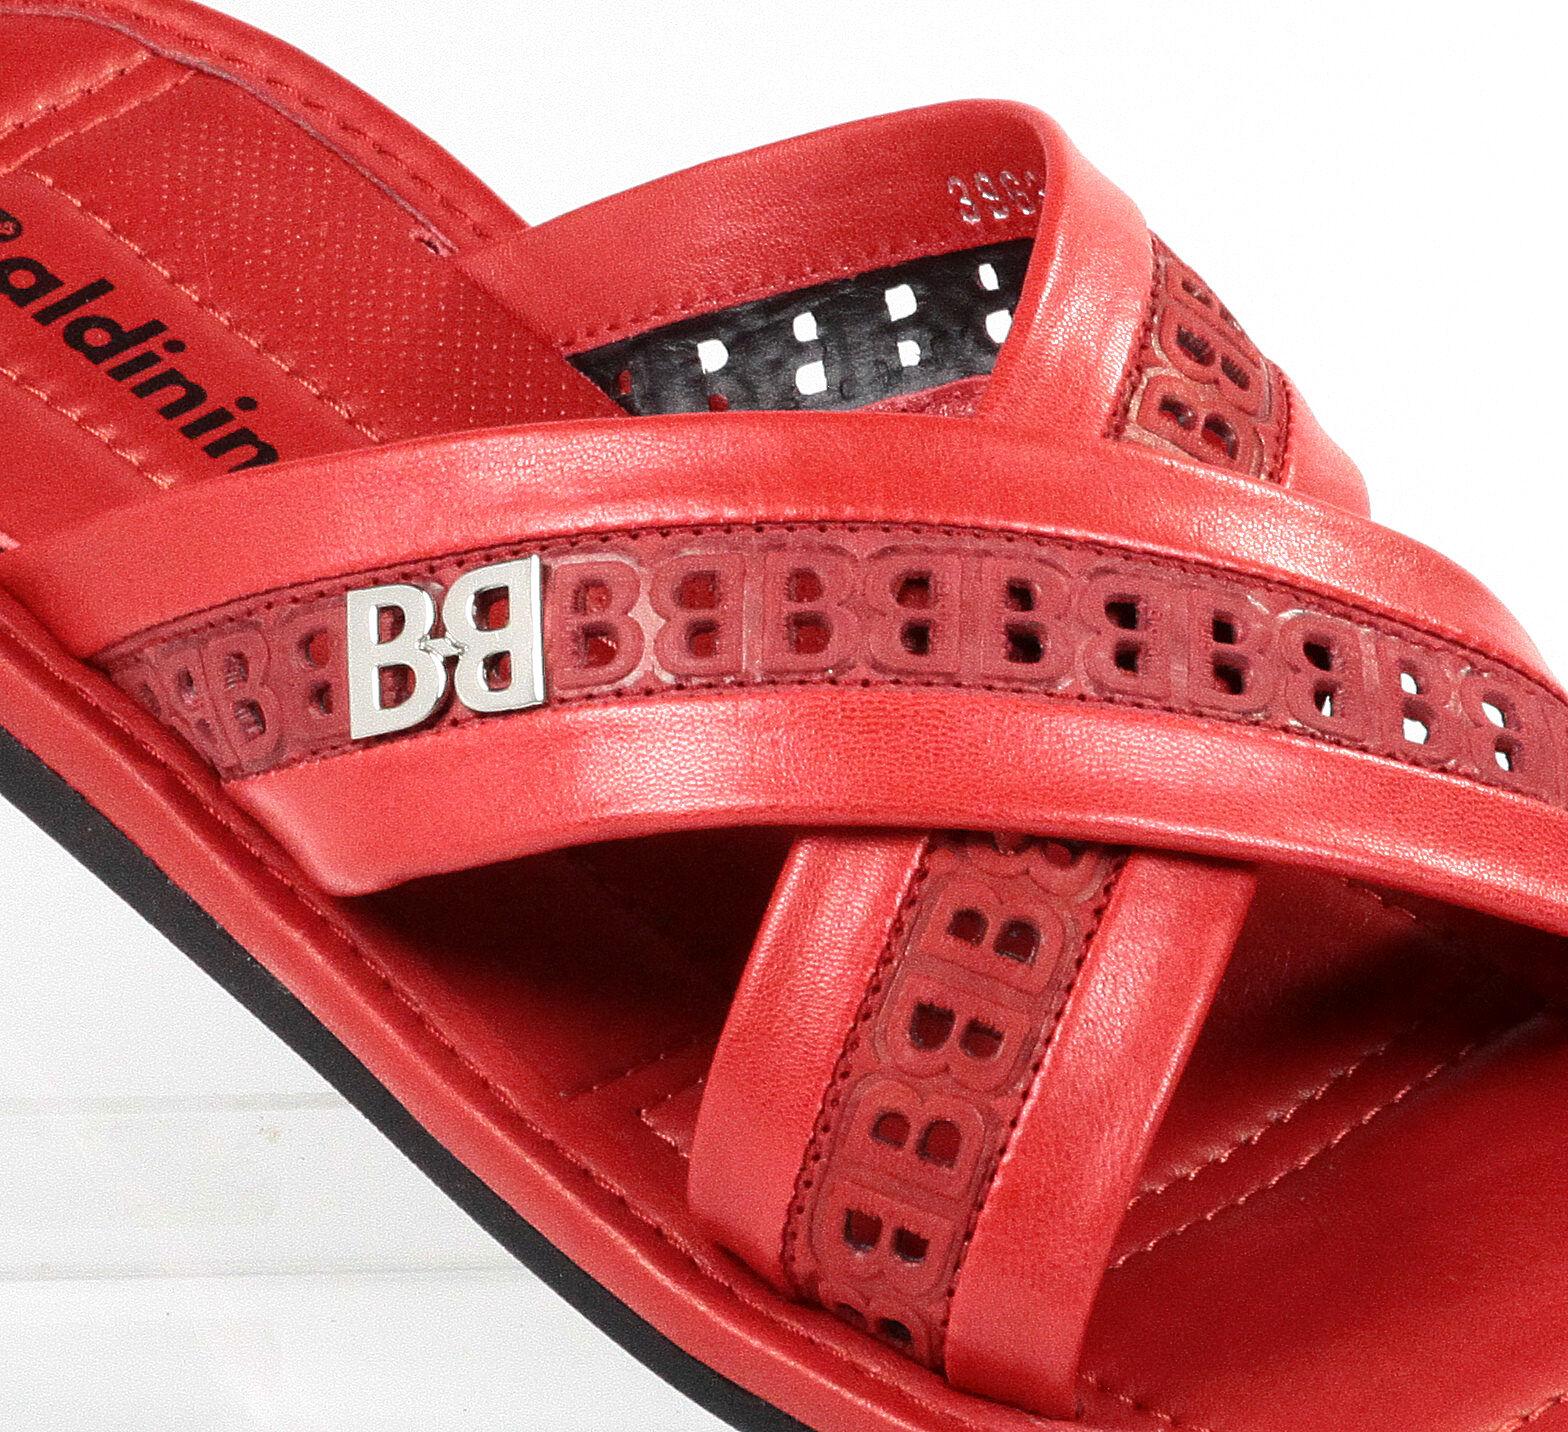 Baldinini Leather Italian Sandals New Collection rosso rosso rosso 84e5f3